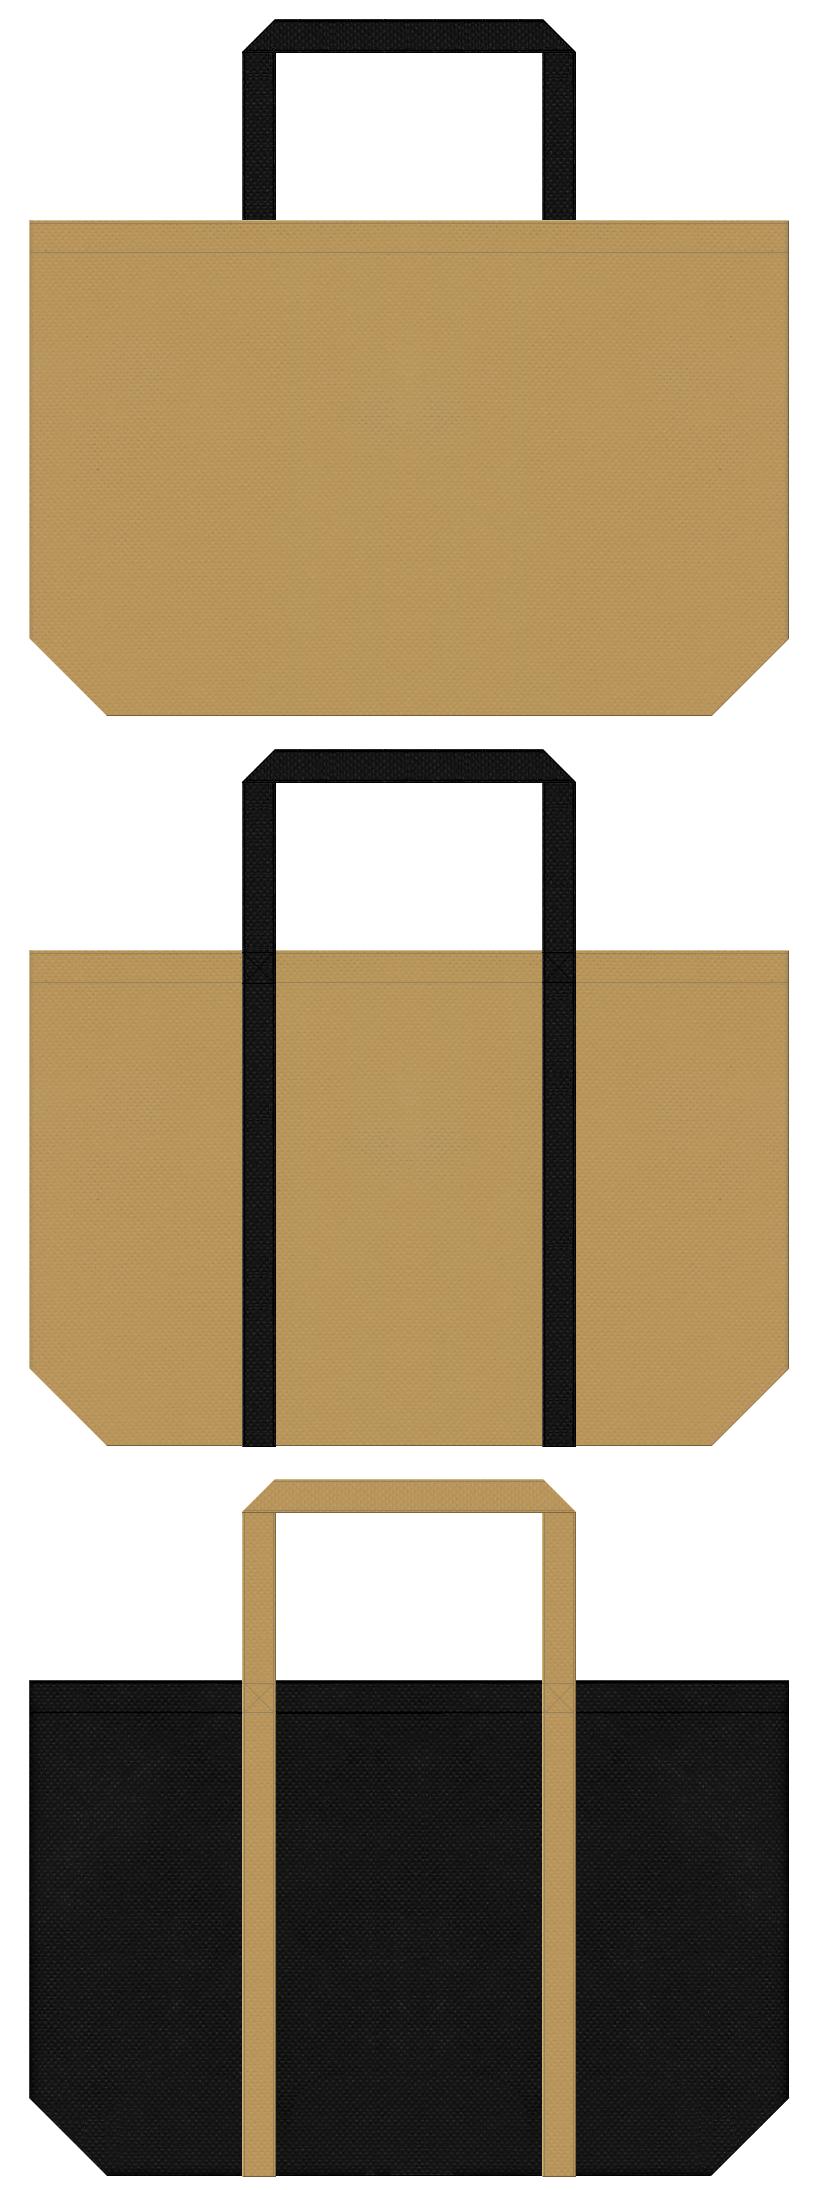 金色系黄土色と黒色の不織布バッグデザイン。屏風、襖絵のイメージで、画材・額縁のショッピングバッグやお城イベントにお奨めです。